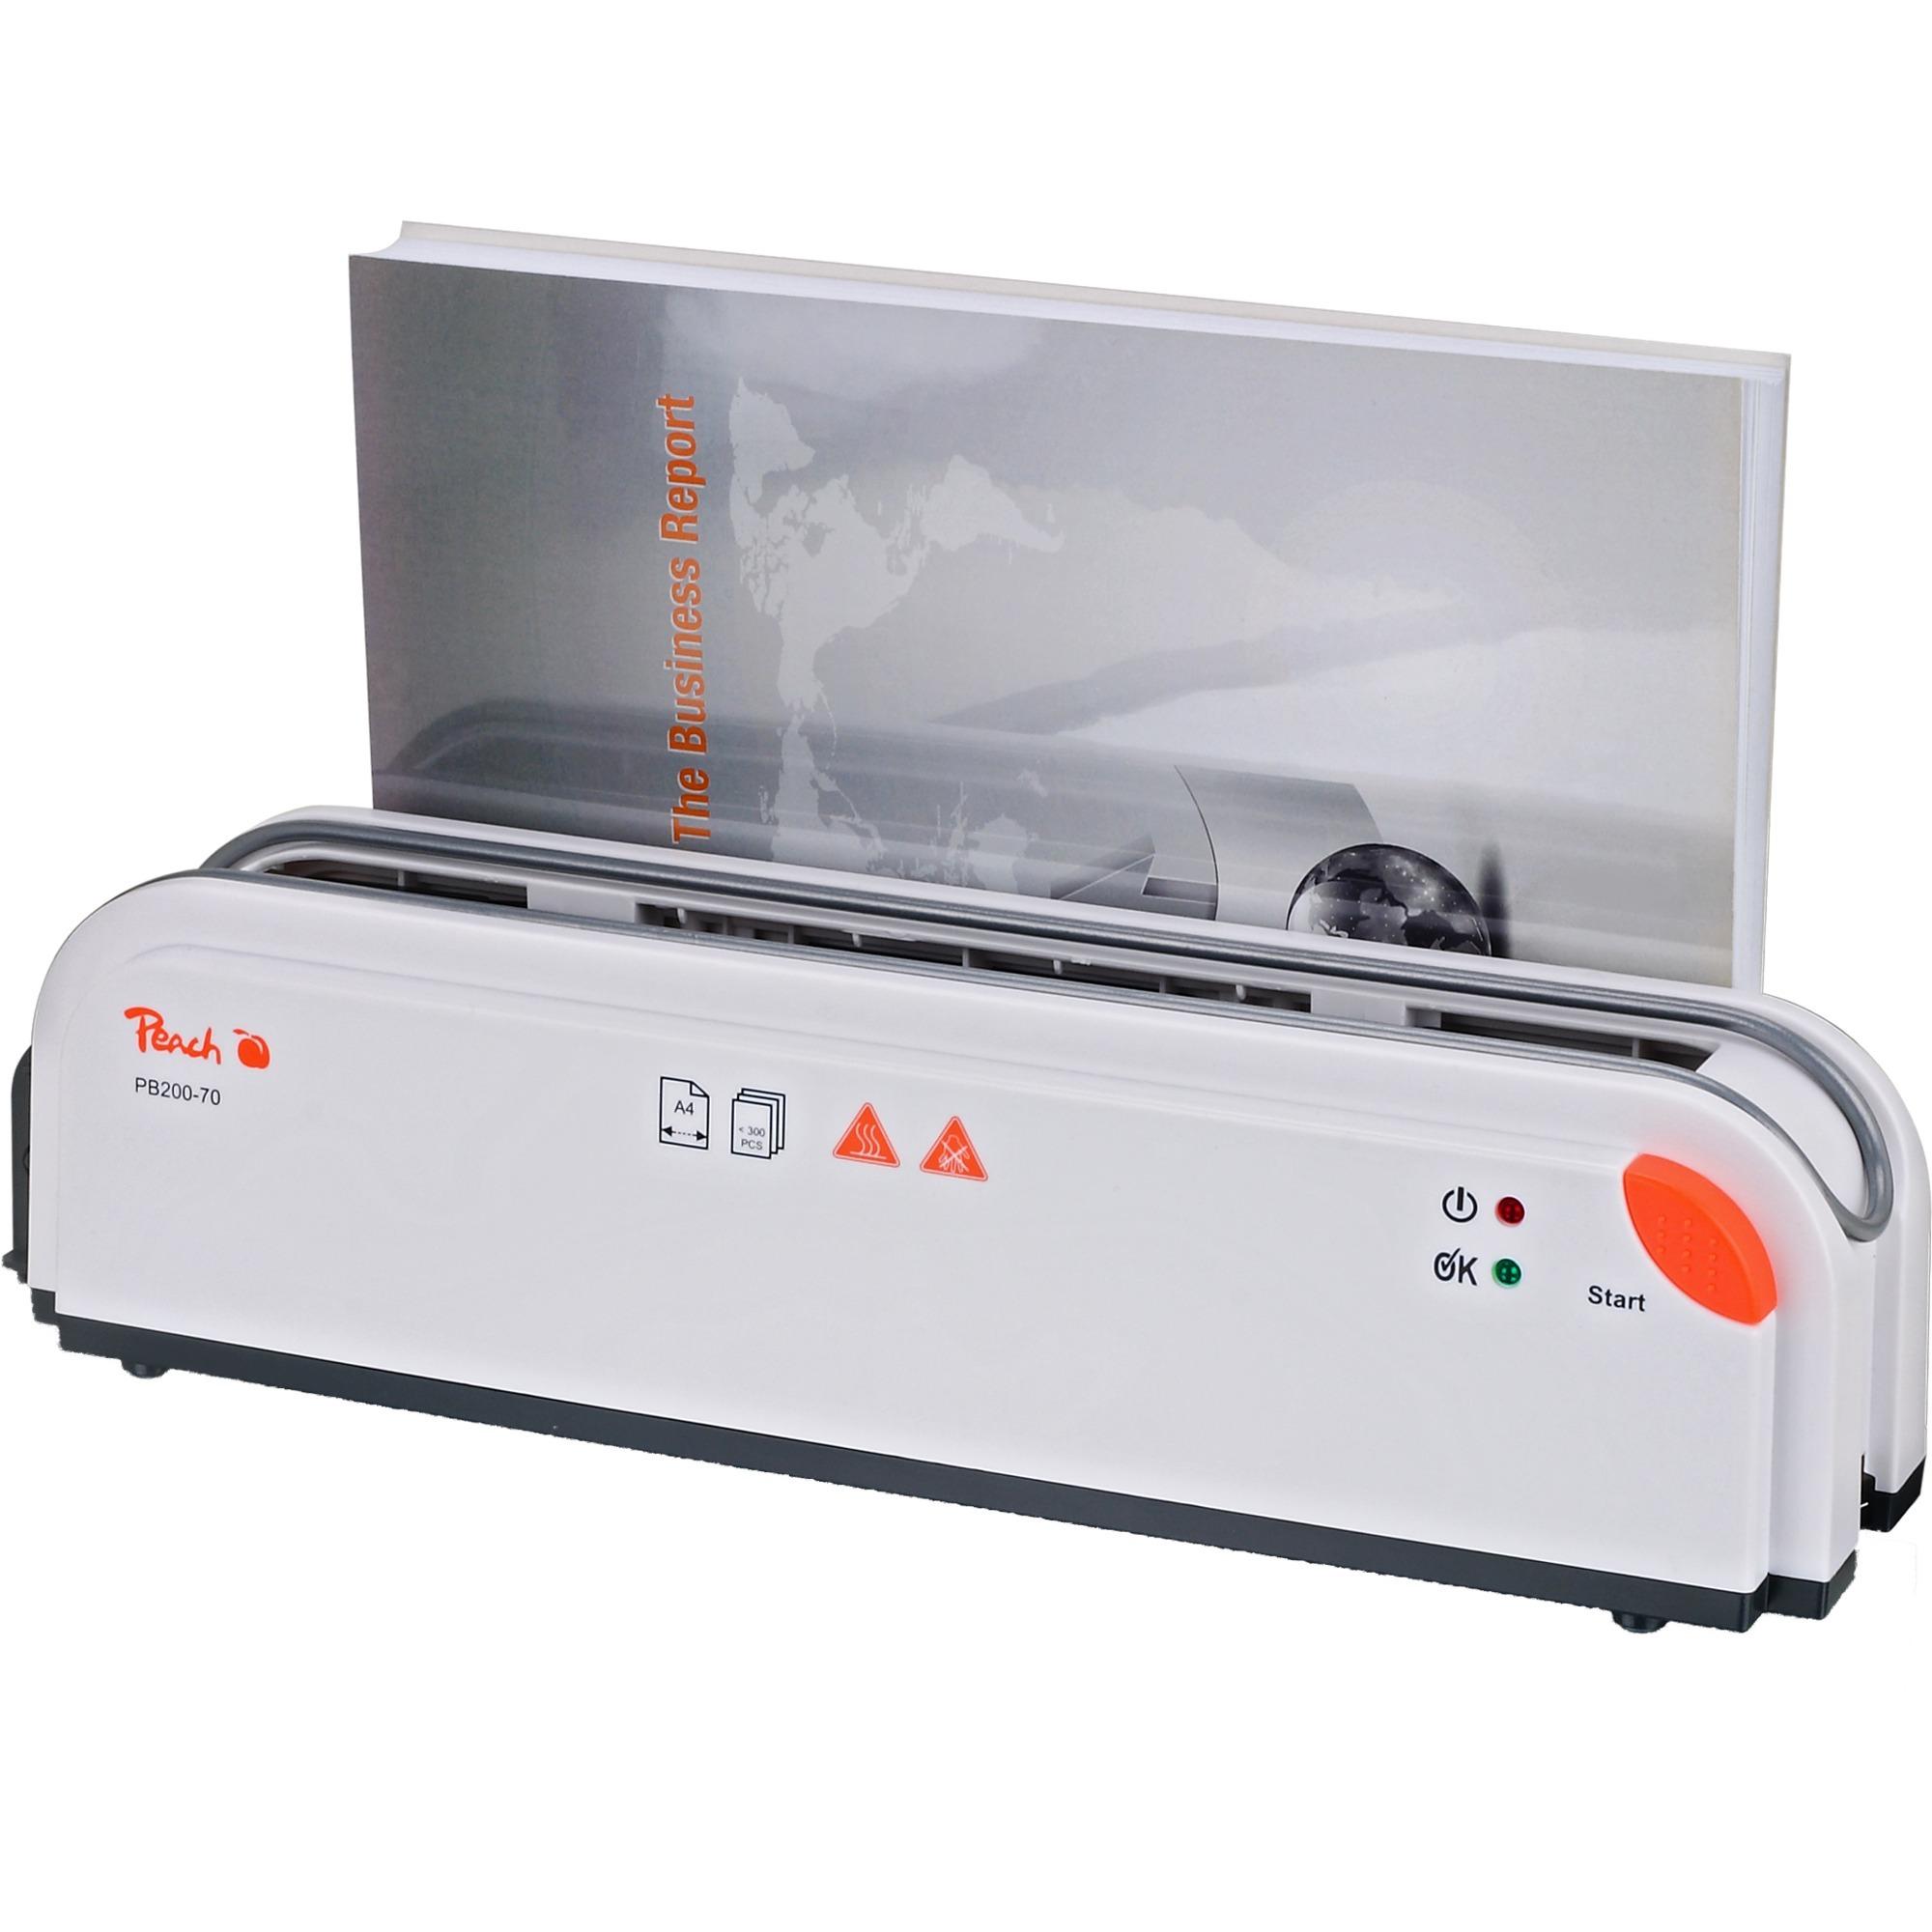 PB200-70 300hojas 60s Blanco máquina de encuadernación térmica, Encuadernadora